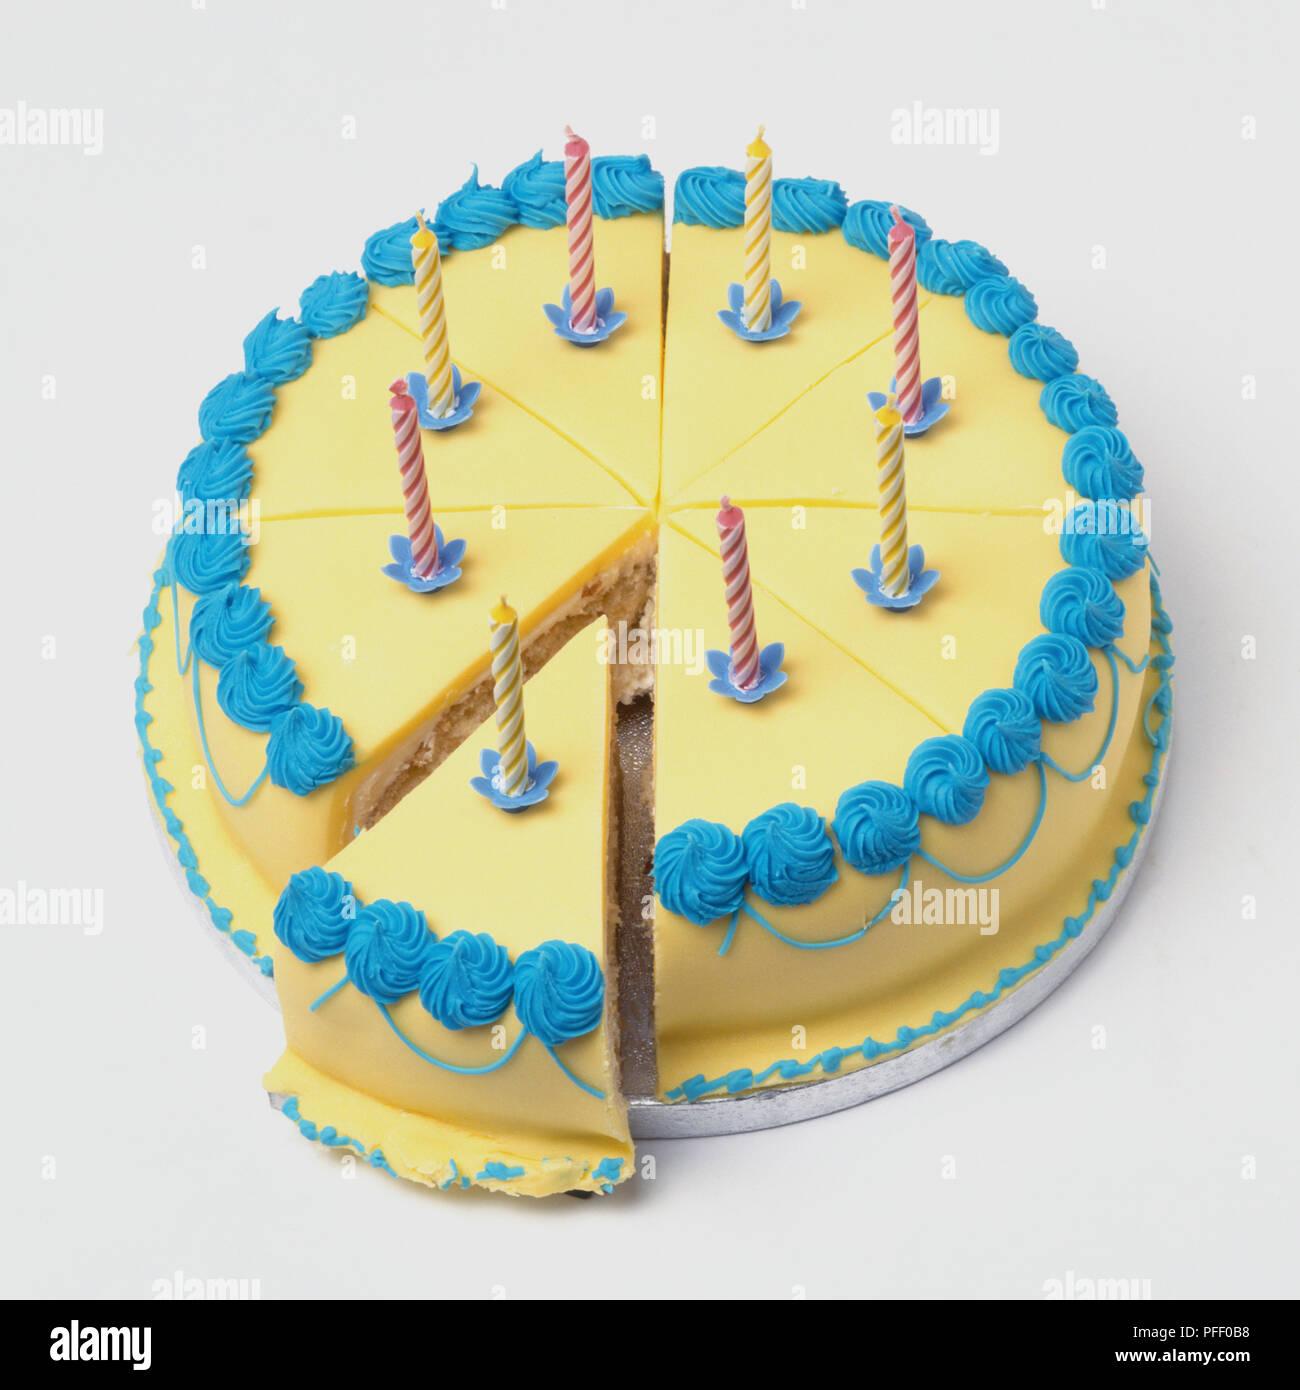 N/úmero 18 Hicarer Velas Doradas de N/úmero de Pastel de Cumplea/ños Brillantes para Cumplea/ños Boda Aniversario Festival Fiesta de Graduaci/ón Actividades al Aire Libre